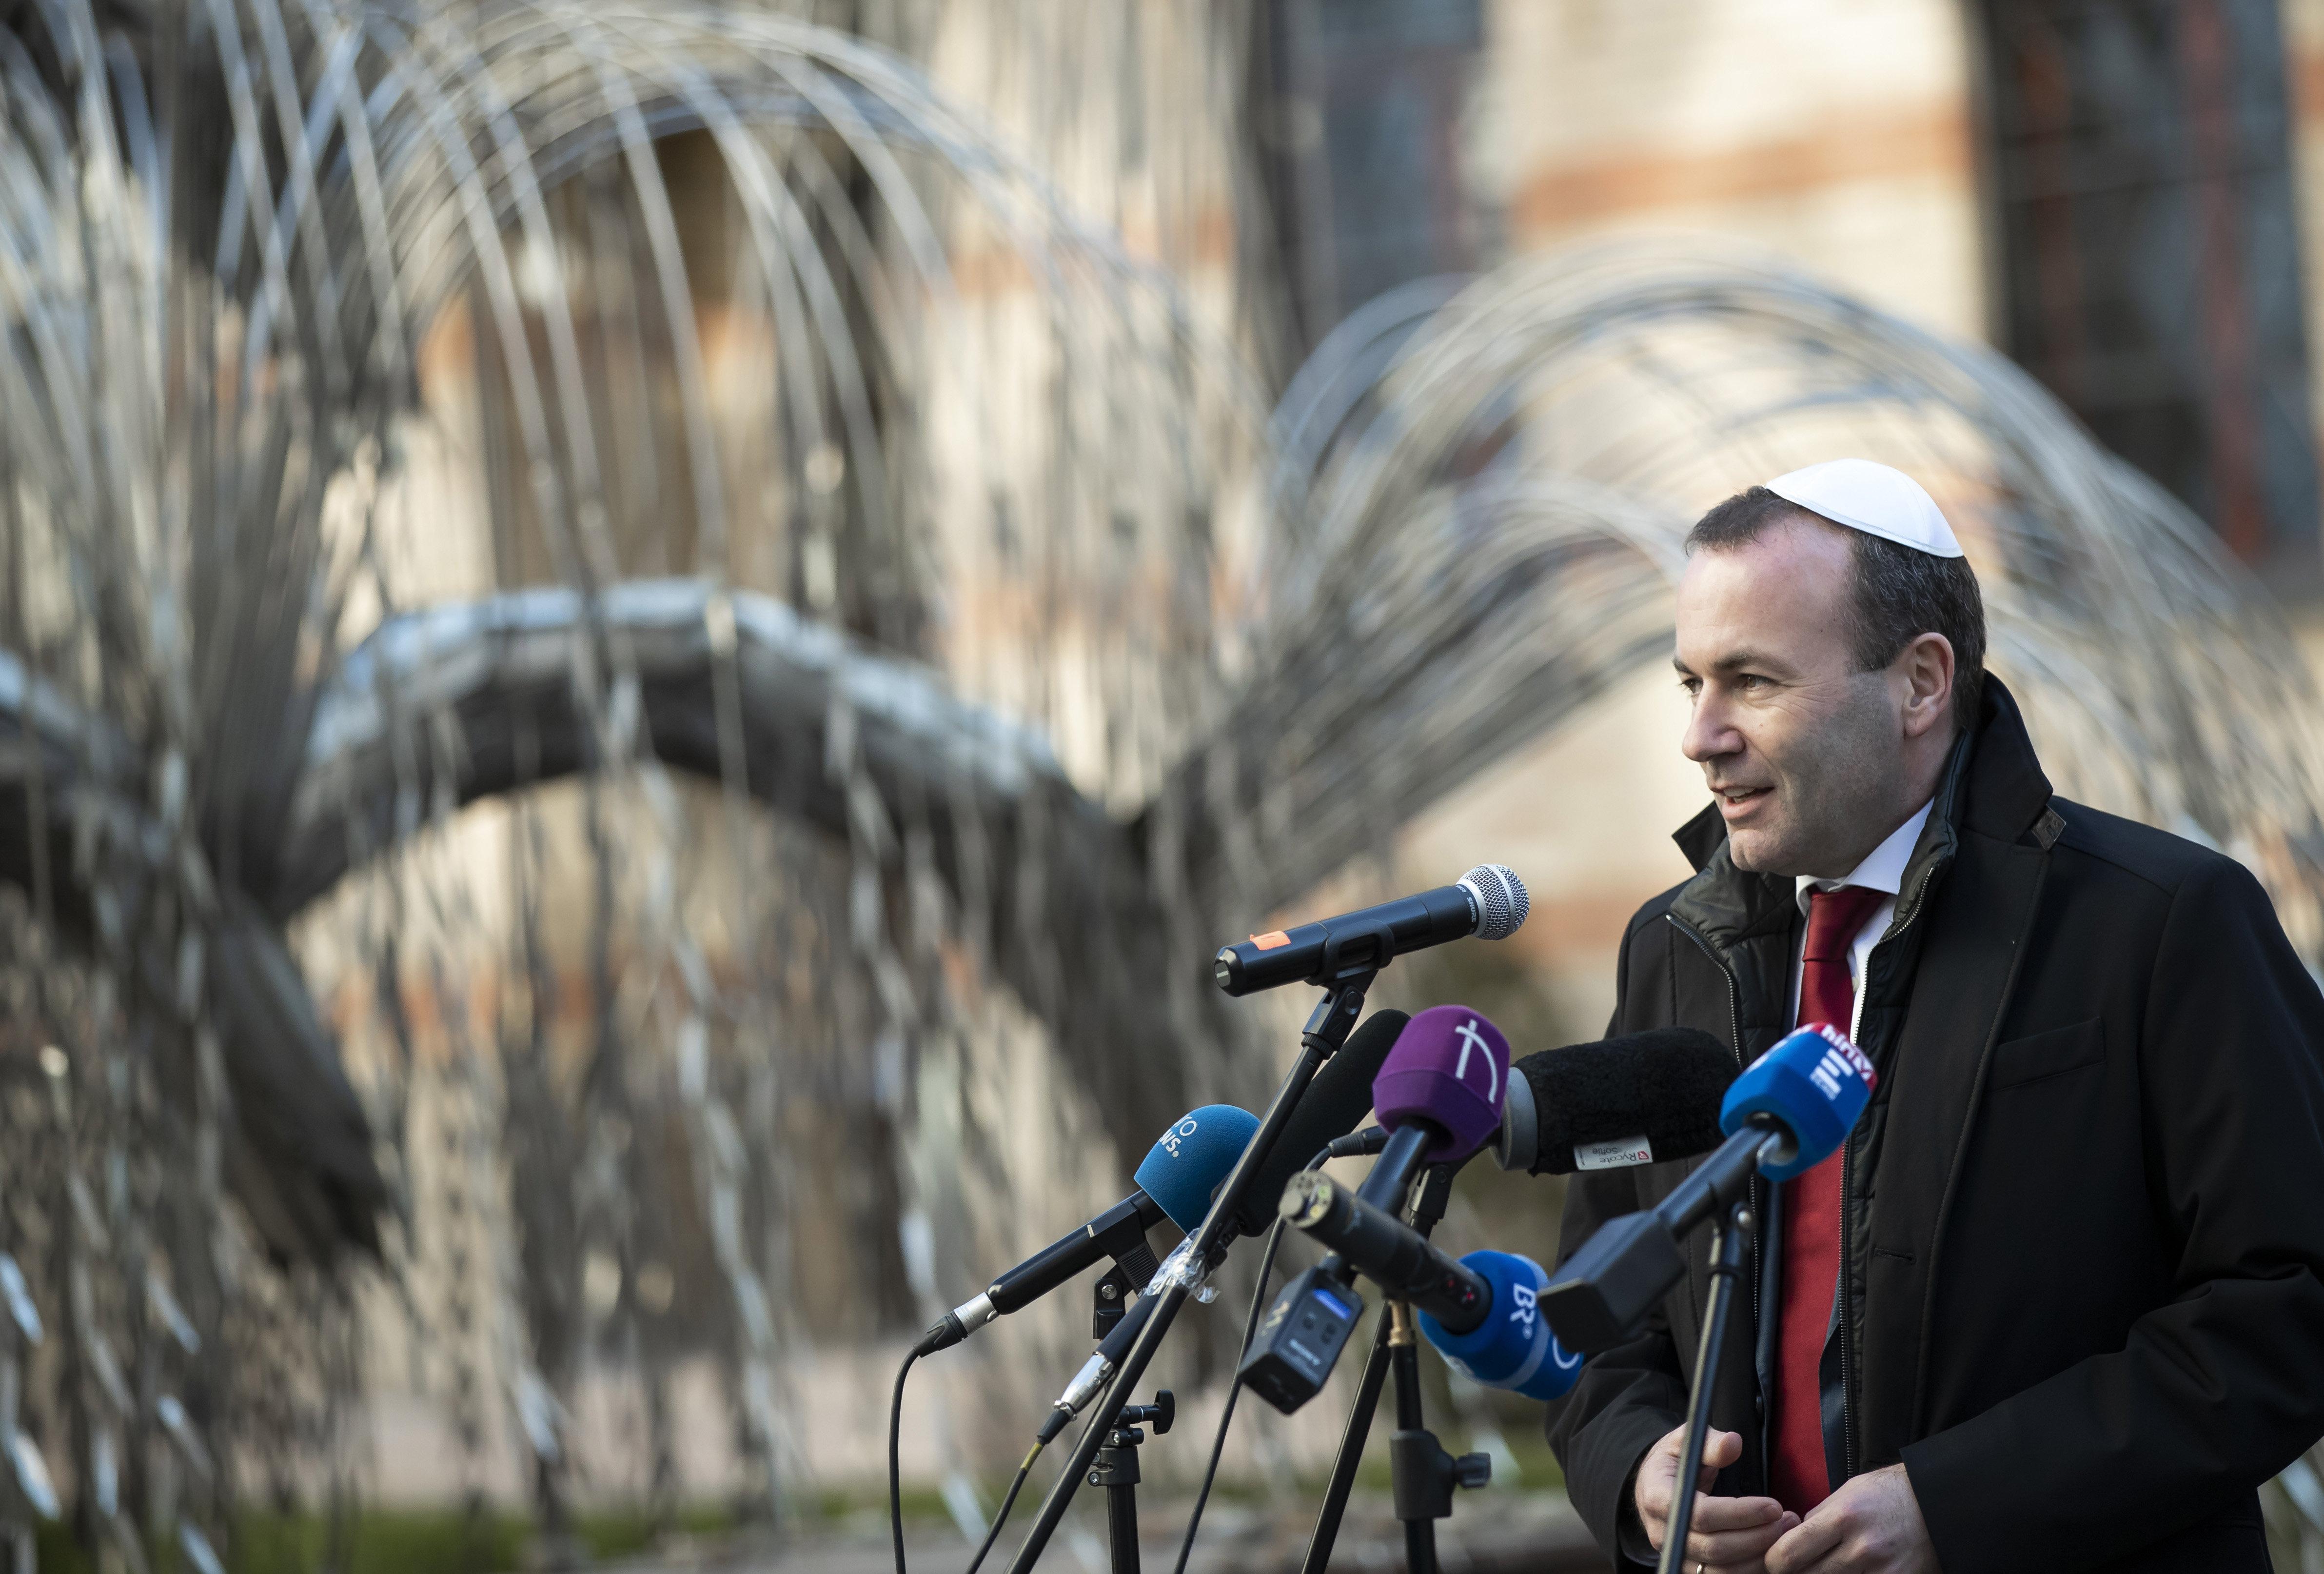 Weber azt akarja, hogy Orbán kérjen bocsánatot azoktól, akiknek problémát okozott